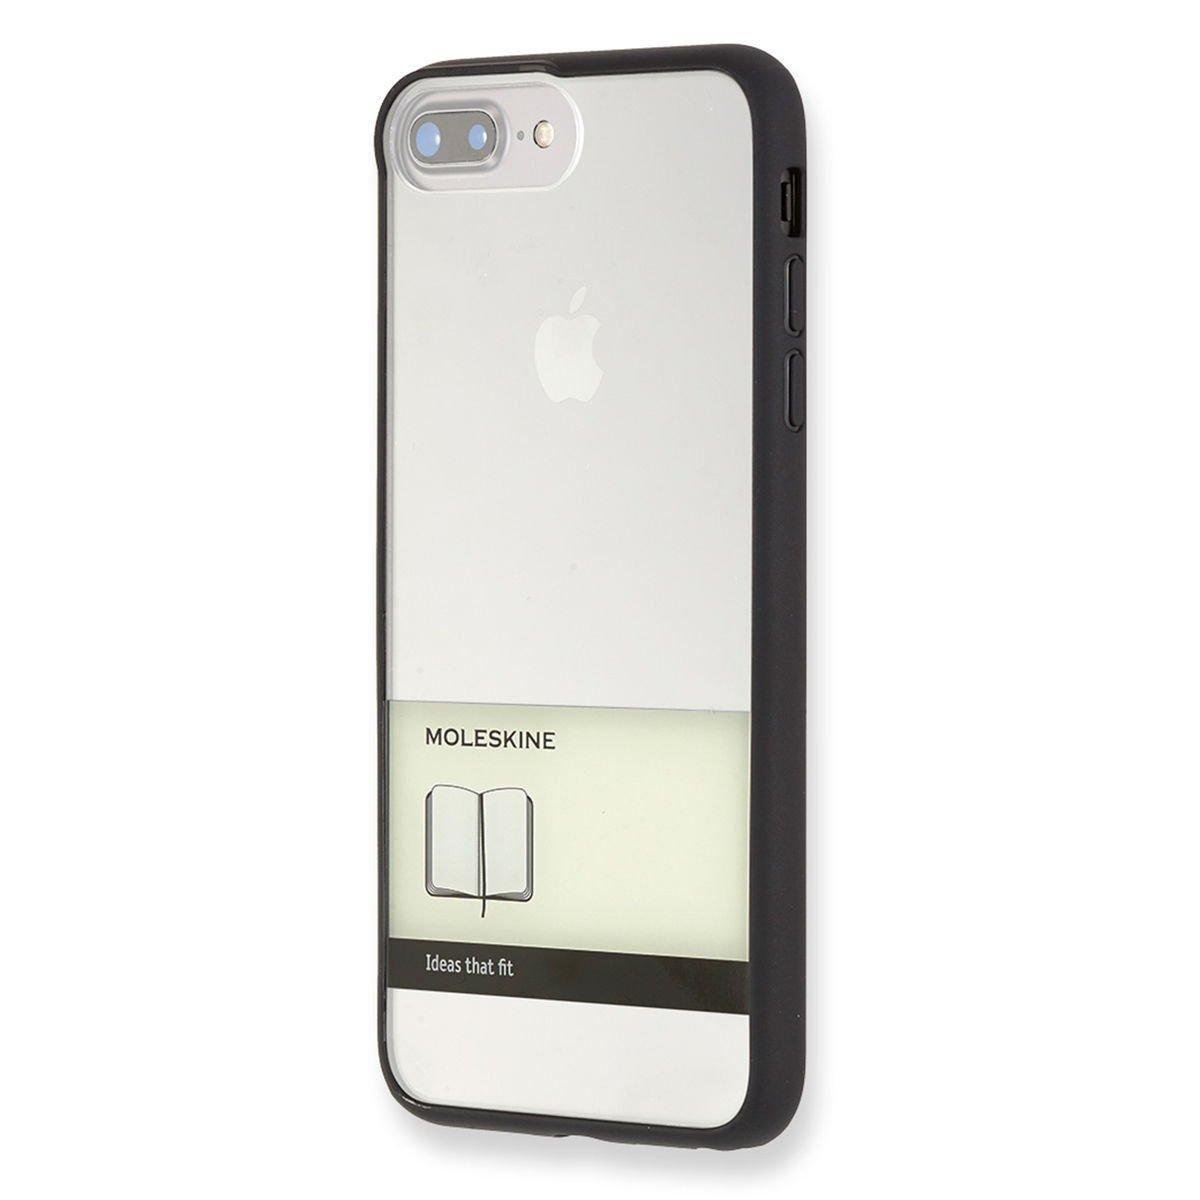 Moleskine Hartschalenetui (Durchsichtige Papierbanderole) geeignet für Iphone 7Plus, schwarz